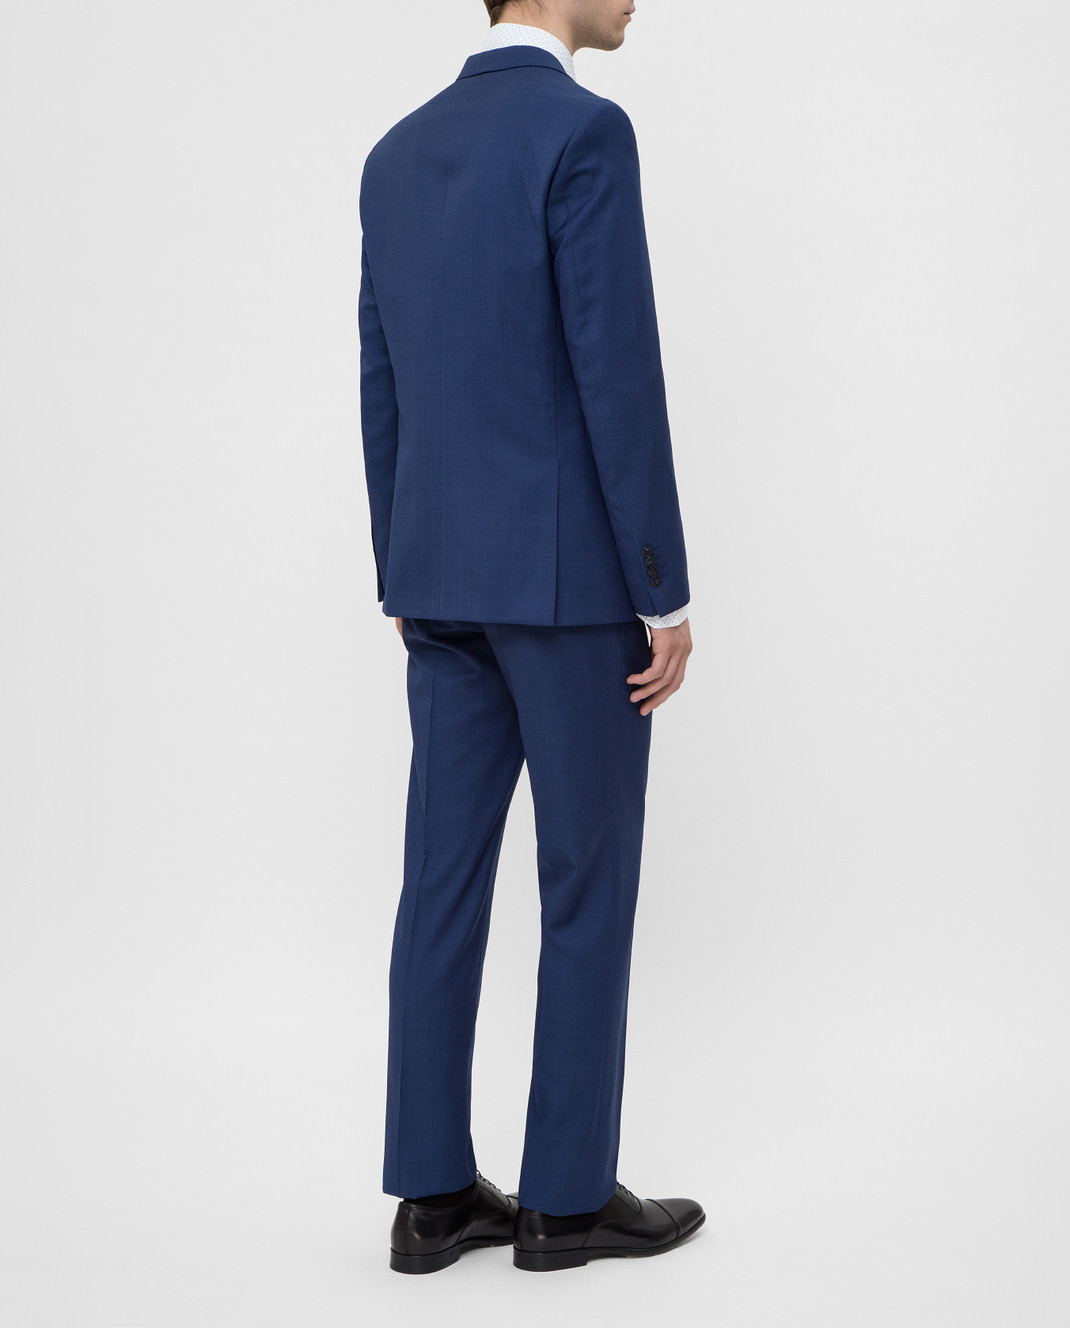 Florentino Синий костюм из шерсти изображение 4